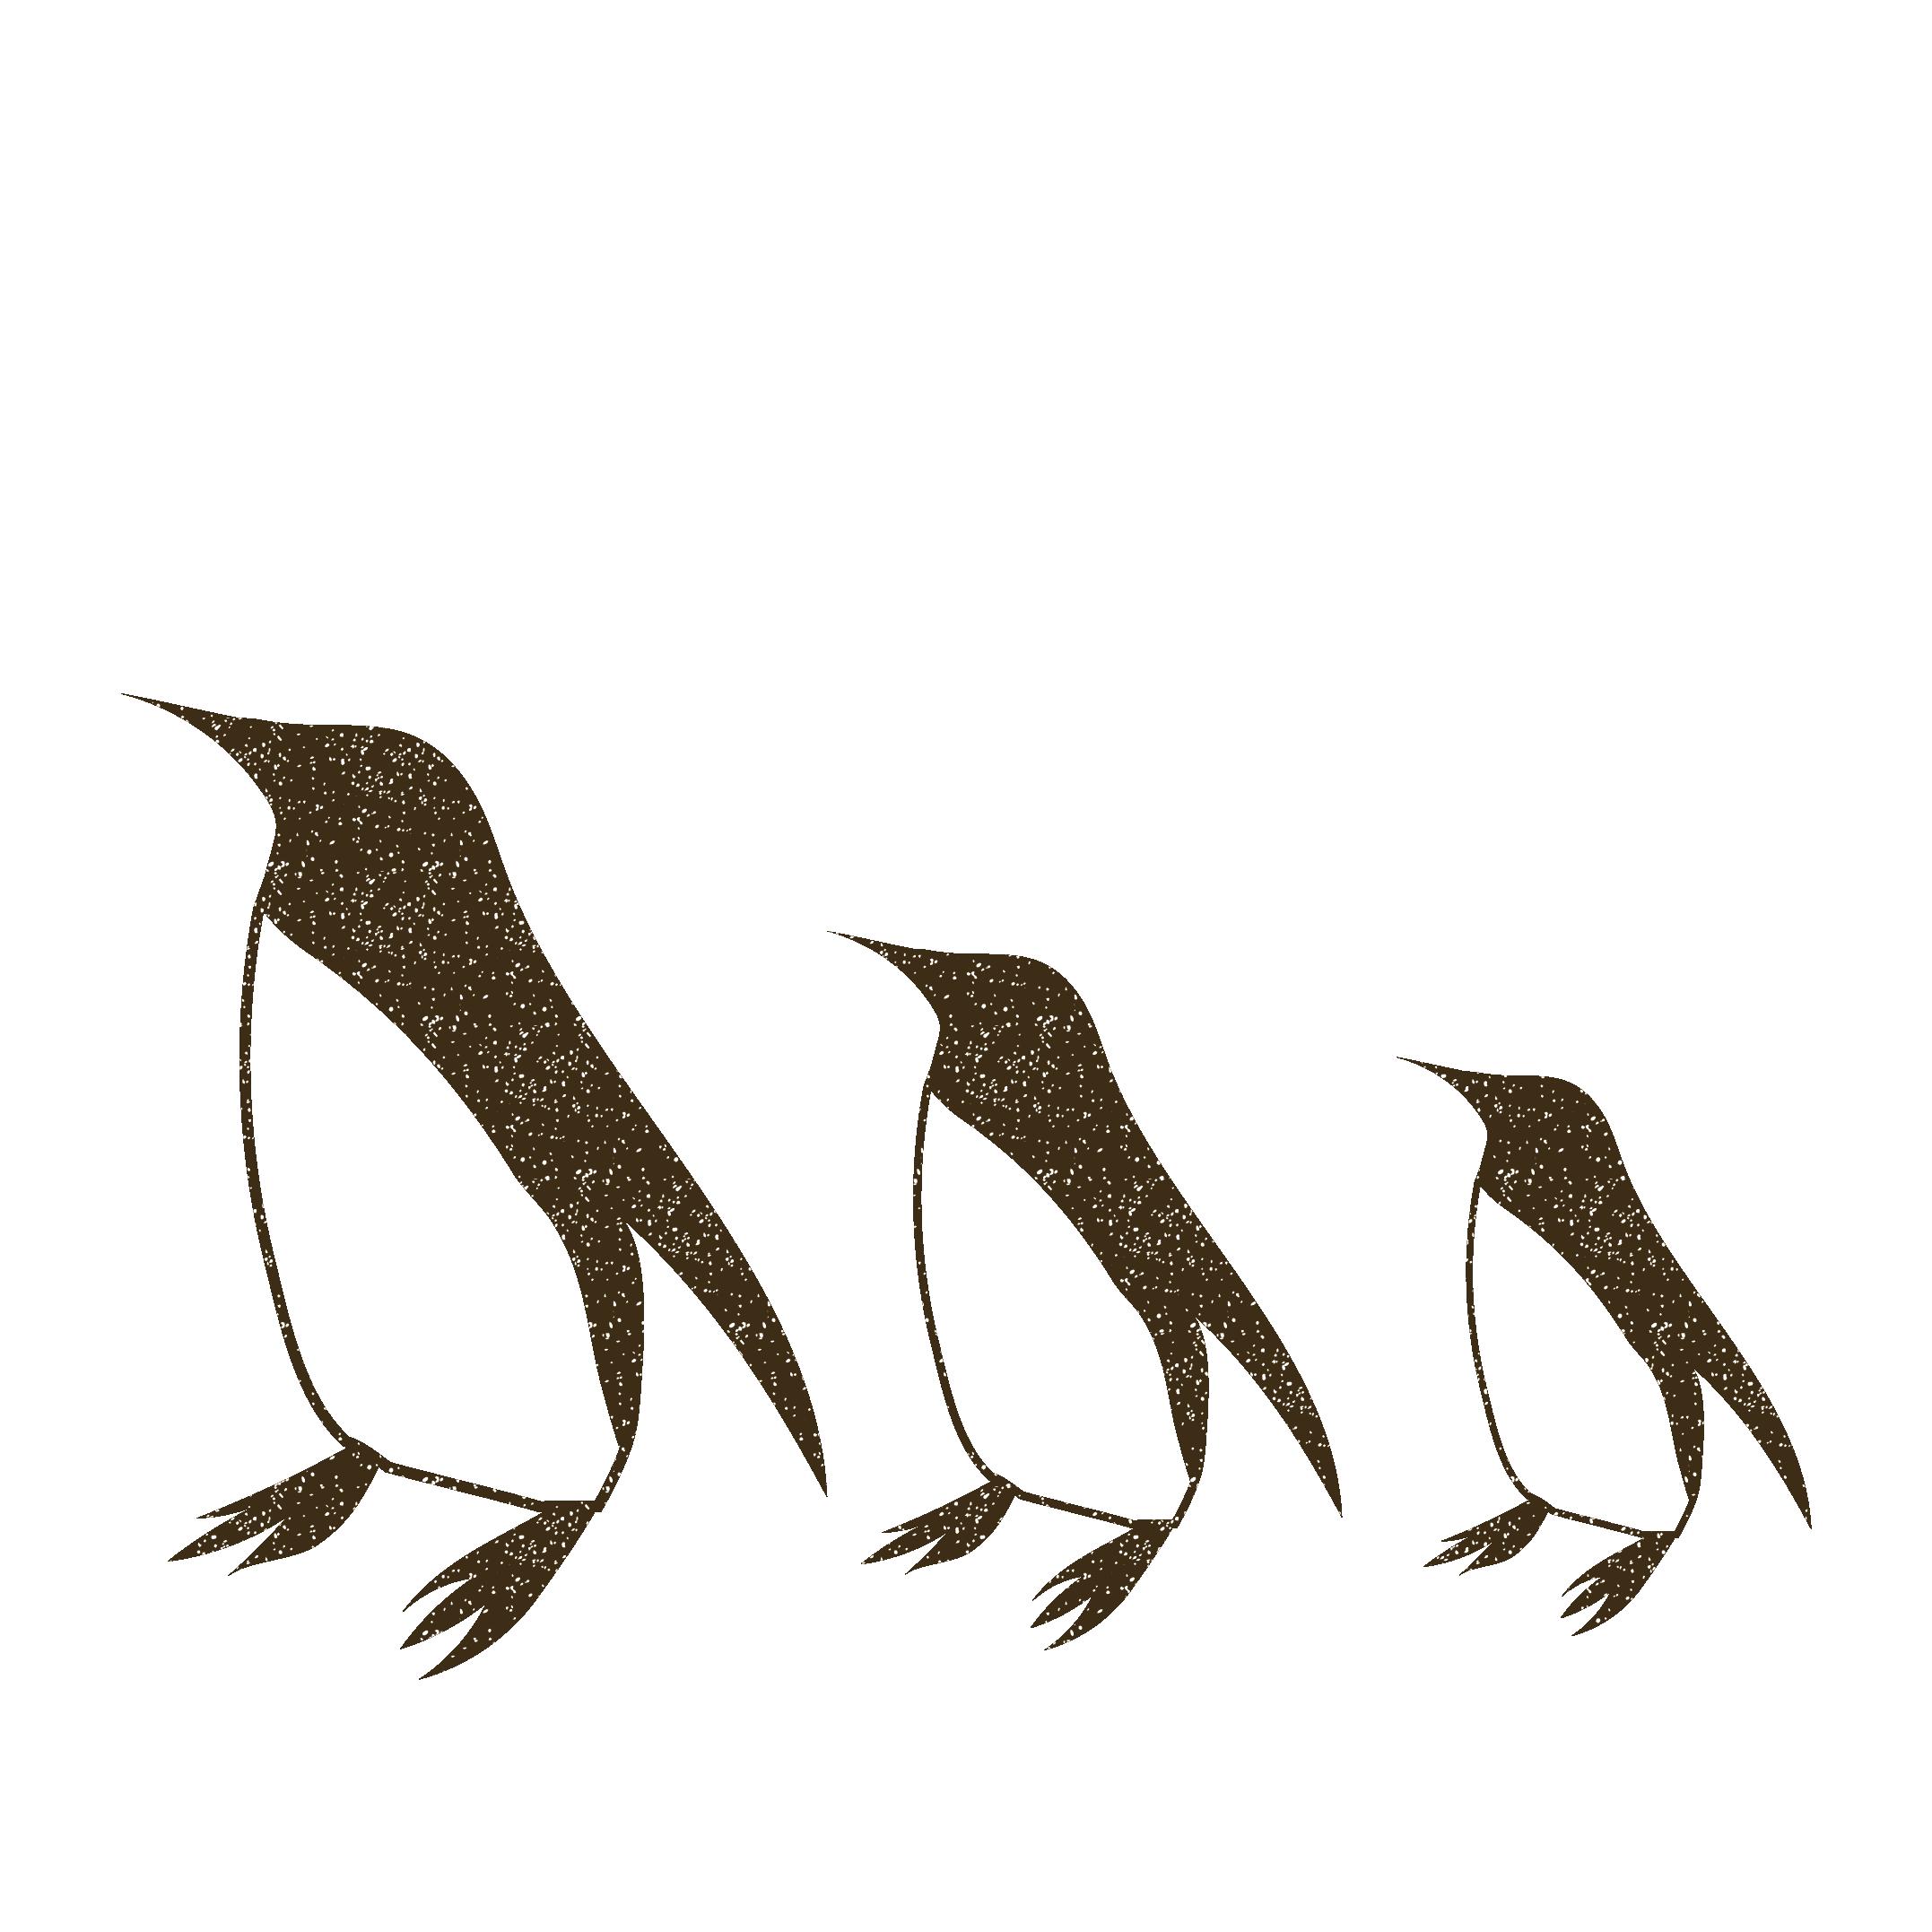 ペンギンのスタンプ イラスト 商用フリー無料のイラスト素材なら